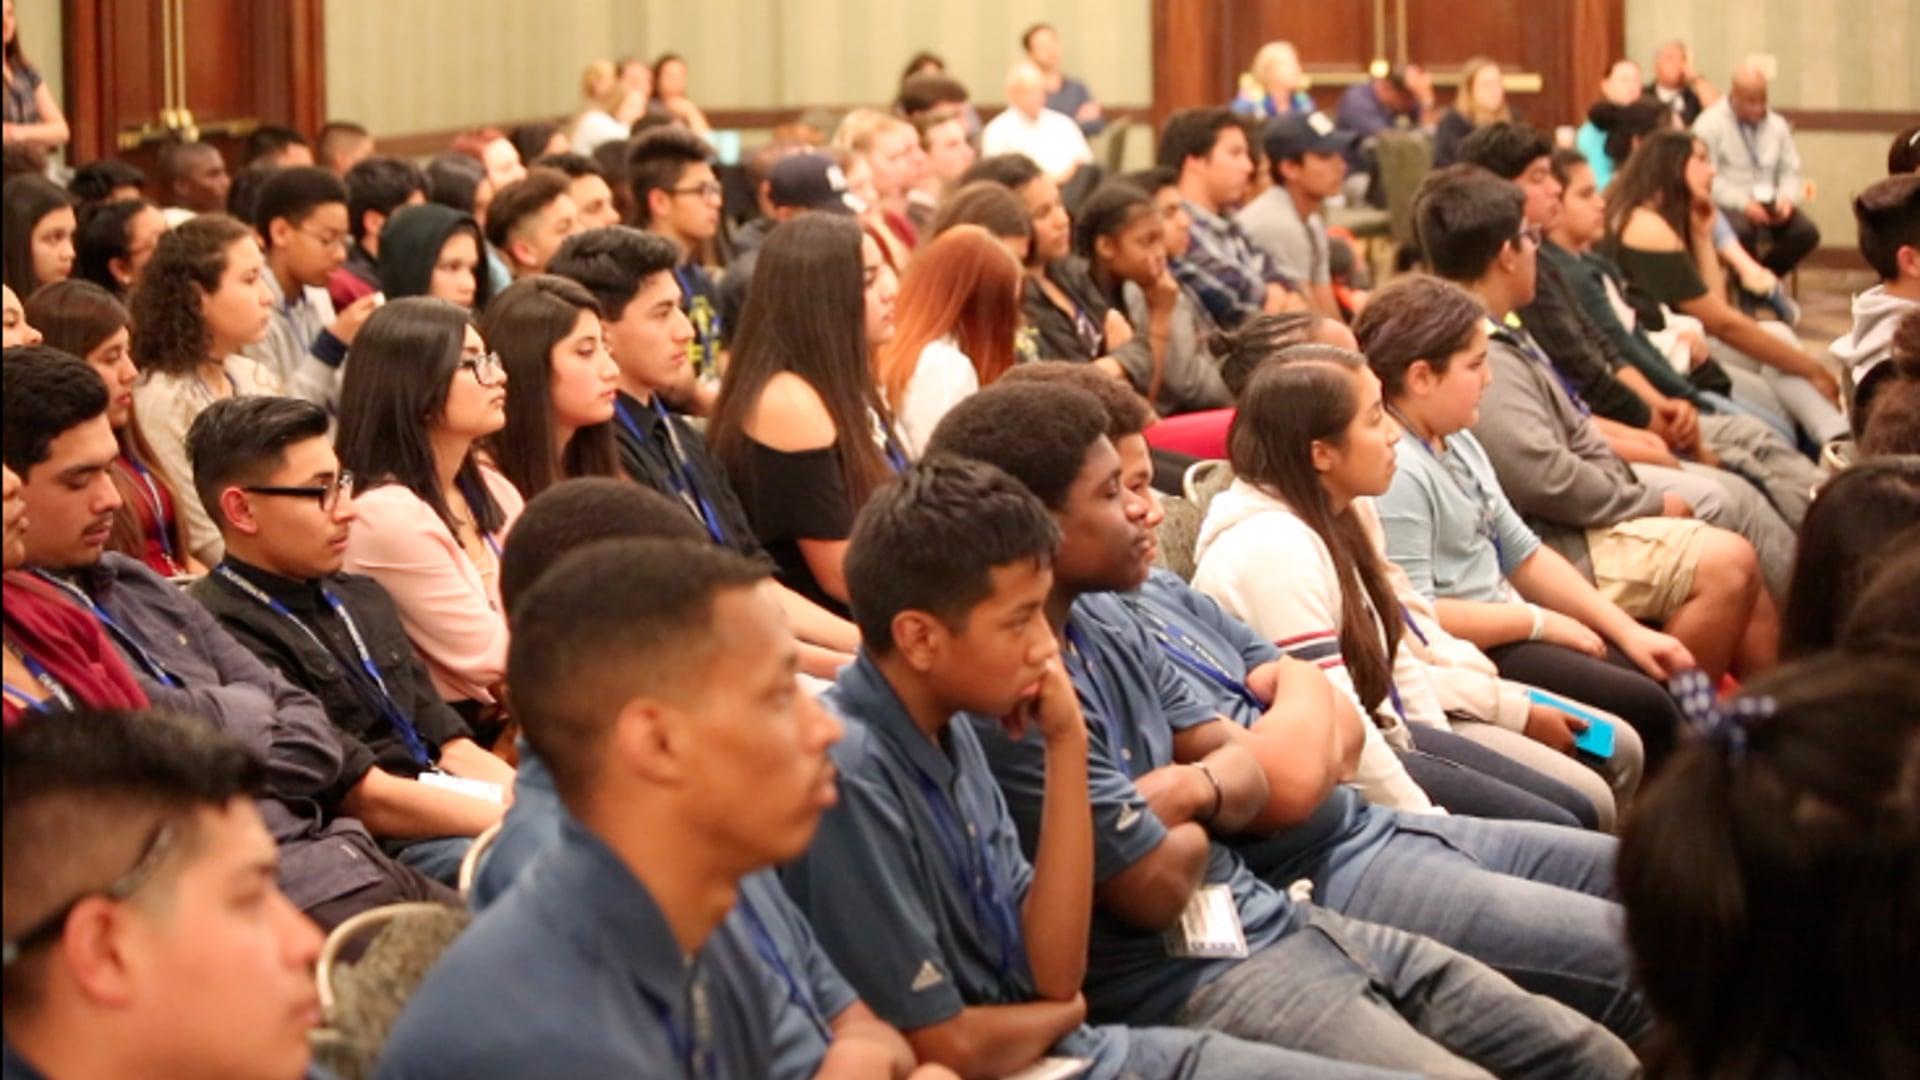 California Police Activity League (CAL PAL) Youth Leadership Academy